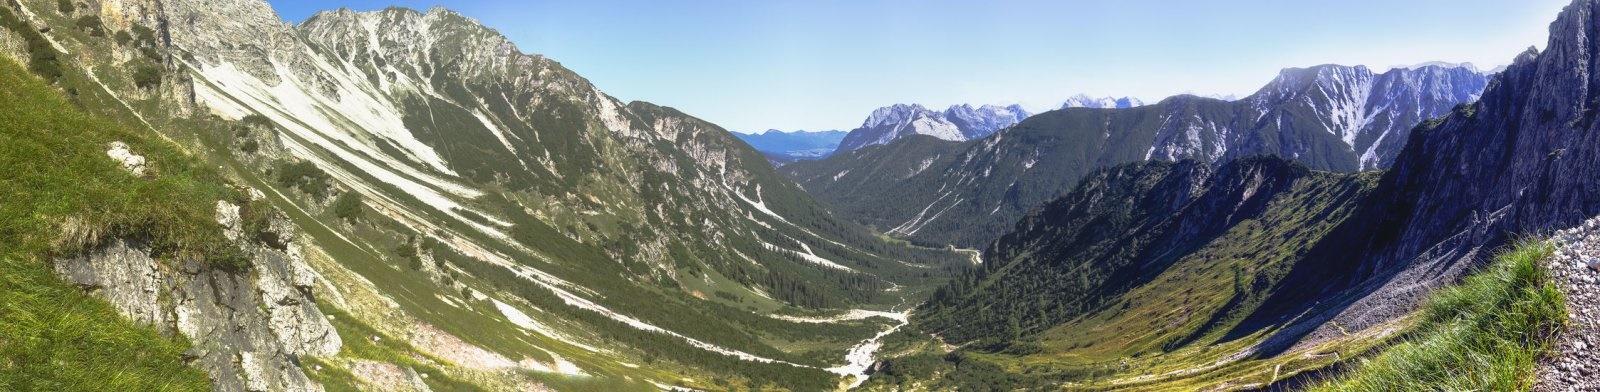 Tyrol, Main image